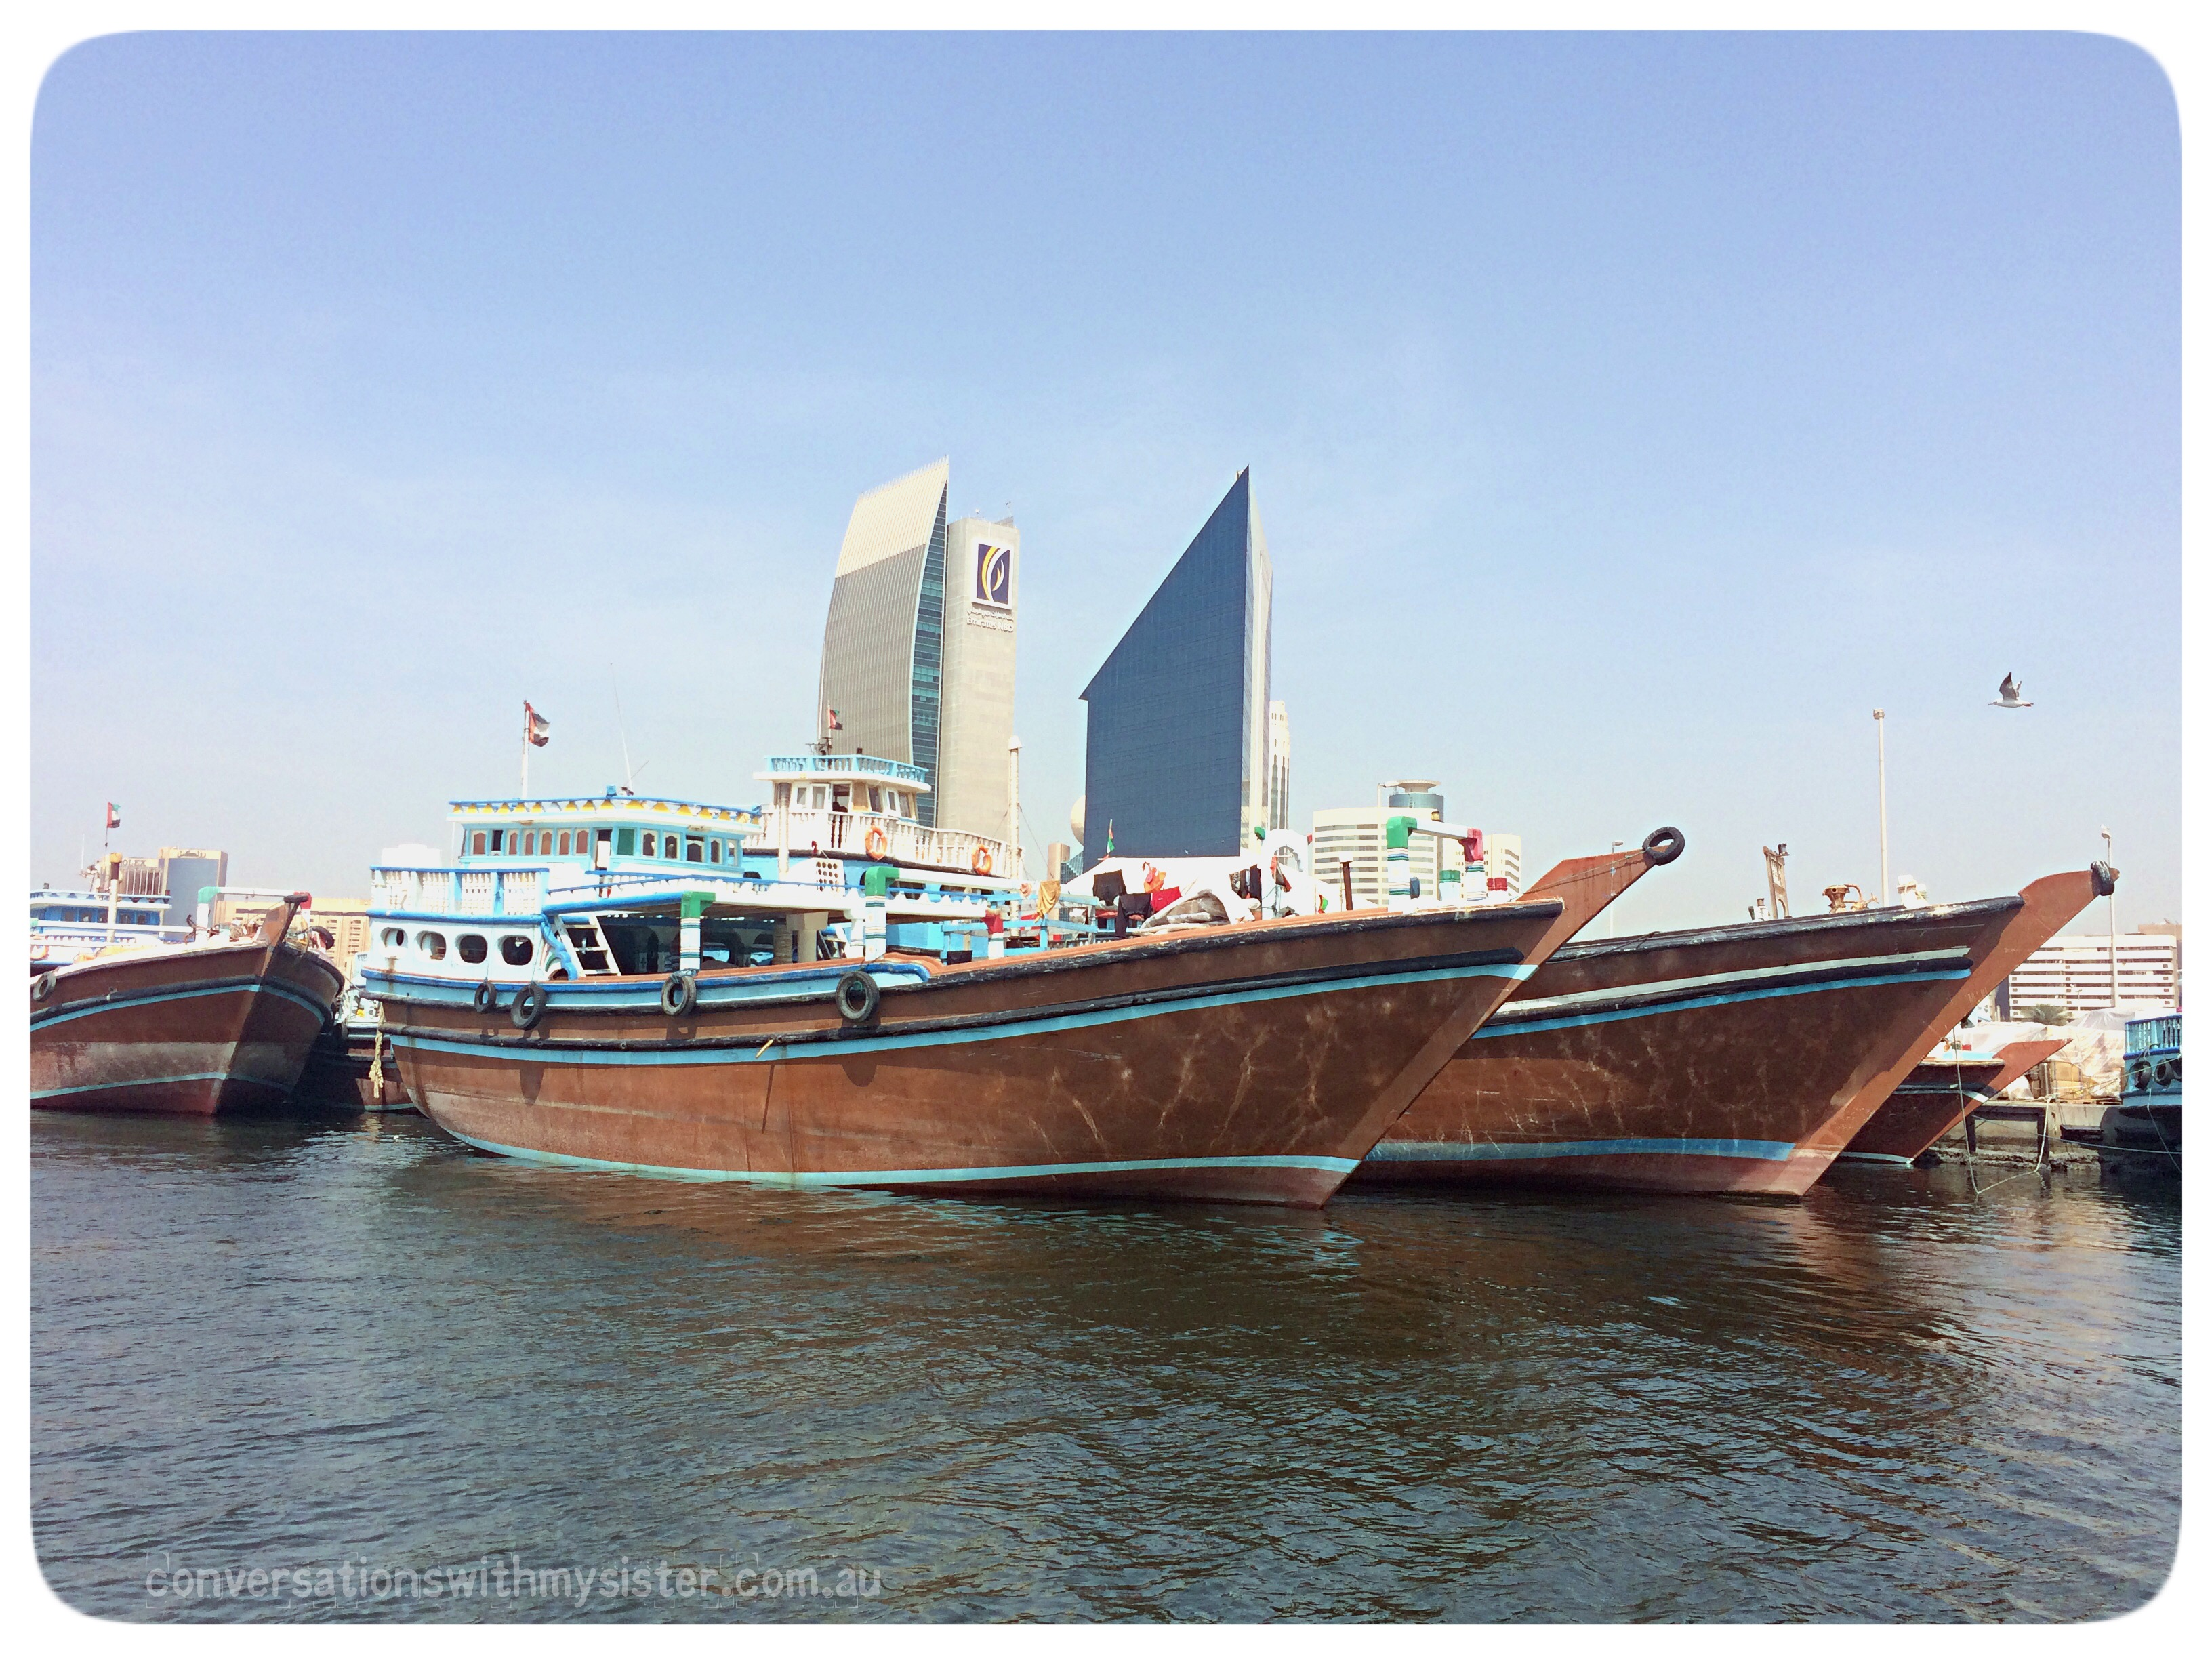 conversationswithmysister.com.au_Dubai Creek_Dhow